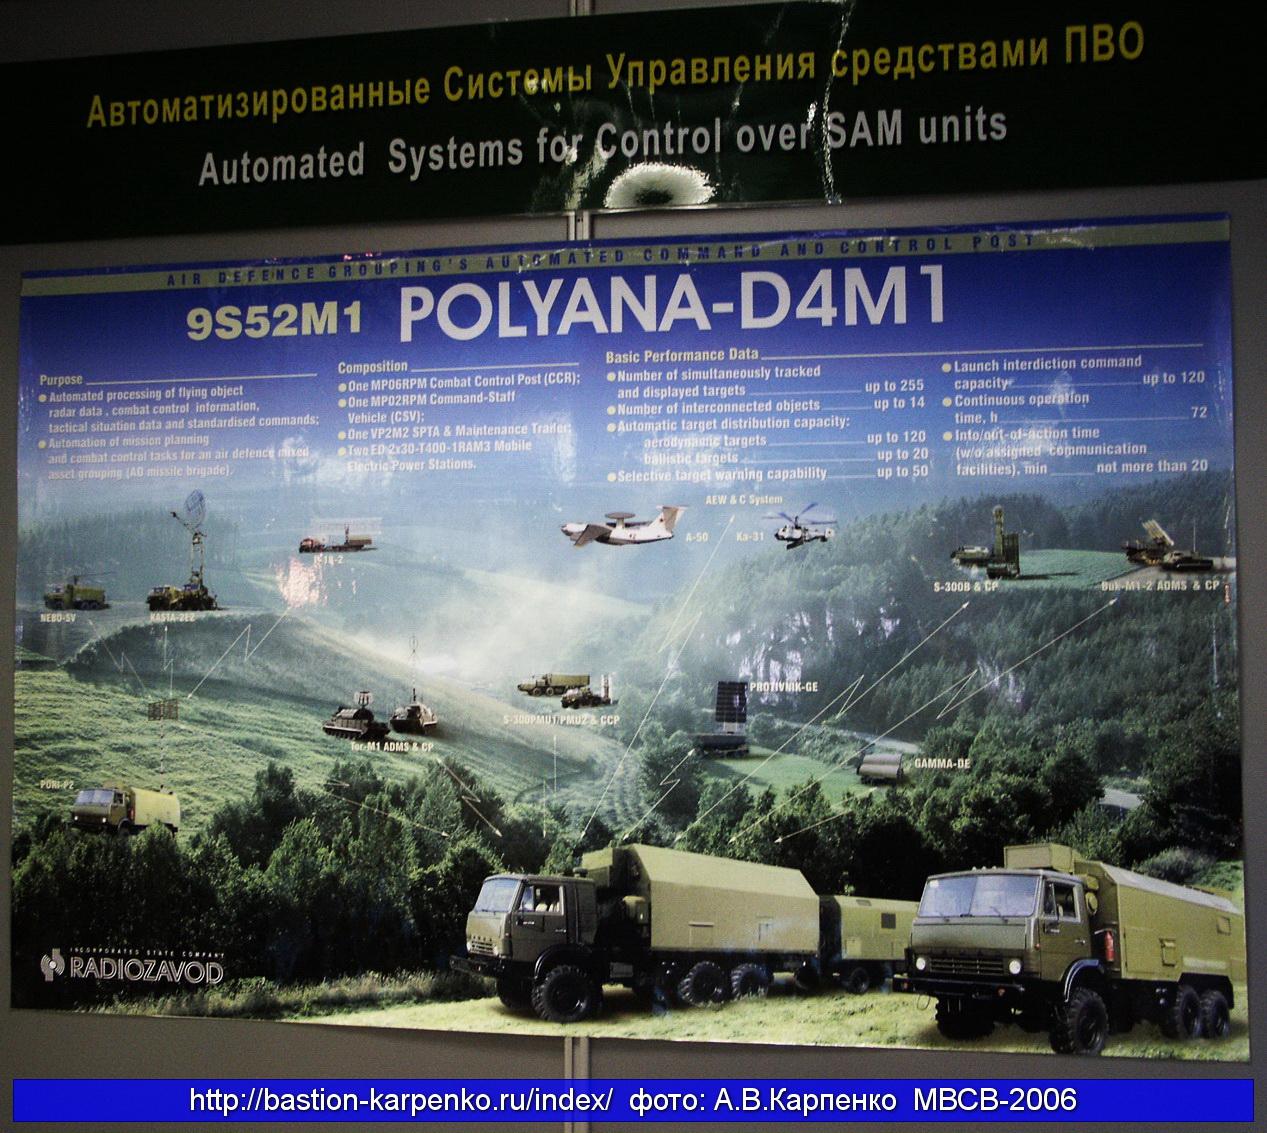 """عقد لتوريد أنظمة القيادة والسيطرة للجزائر """"أكاسيا-E"""" POLYNA-D4M1_MVSV-2006_01"""